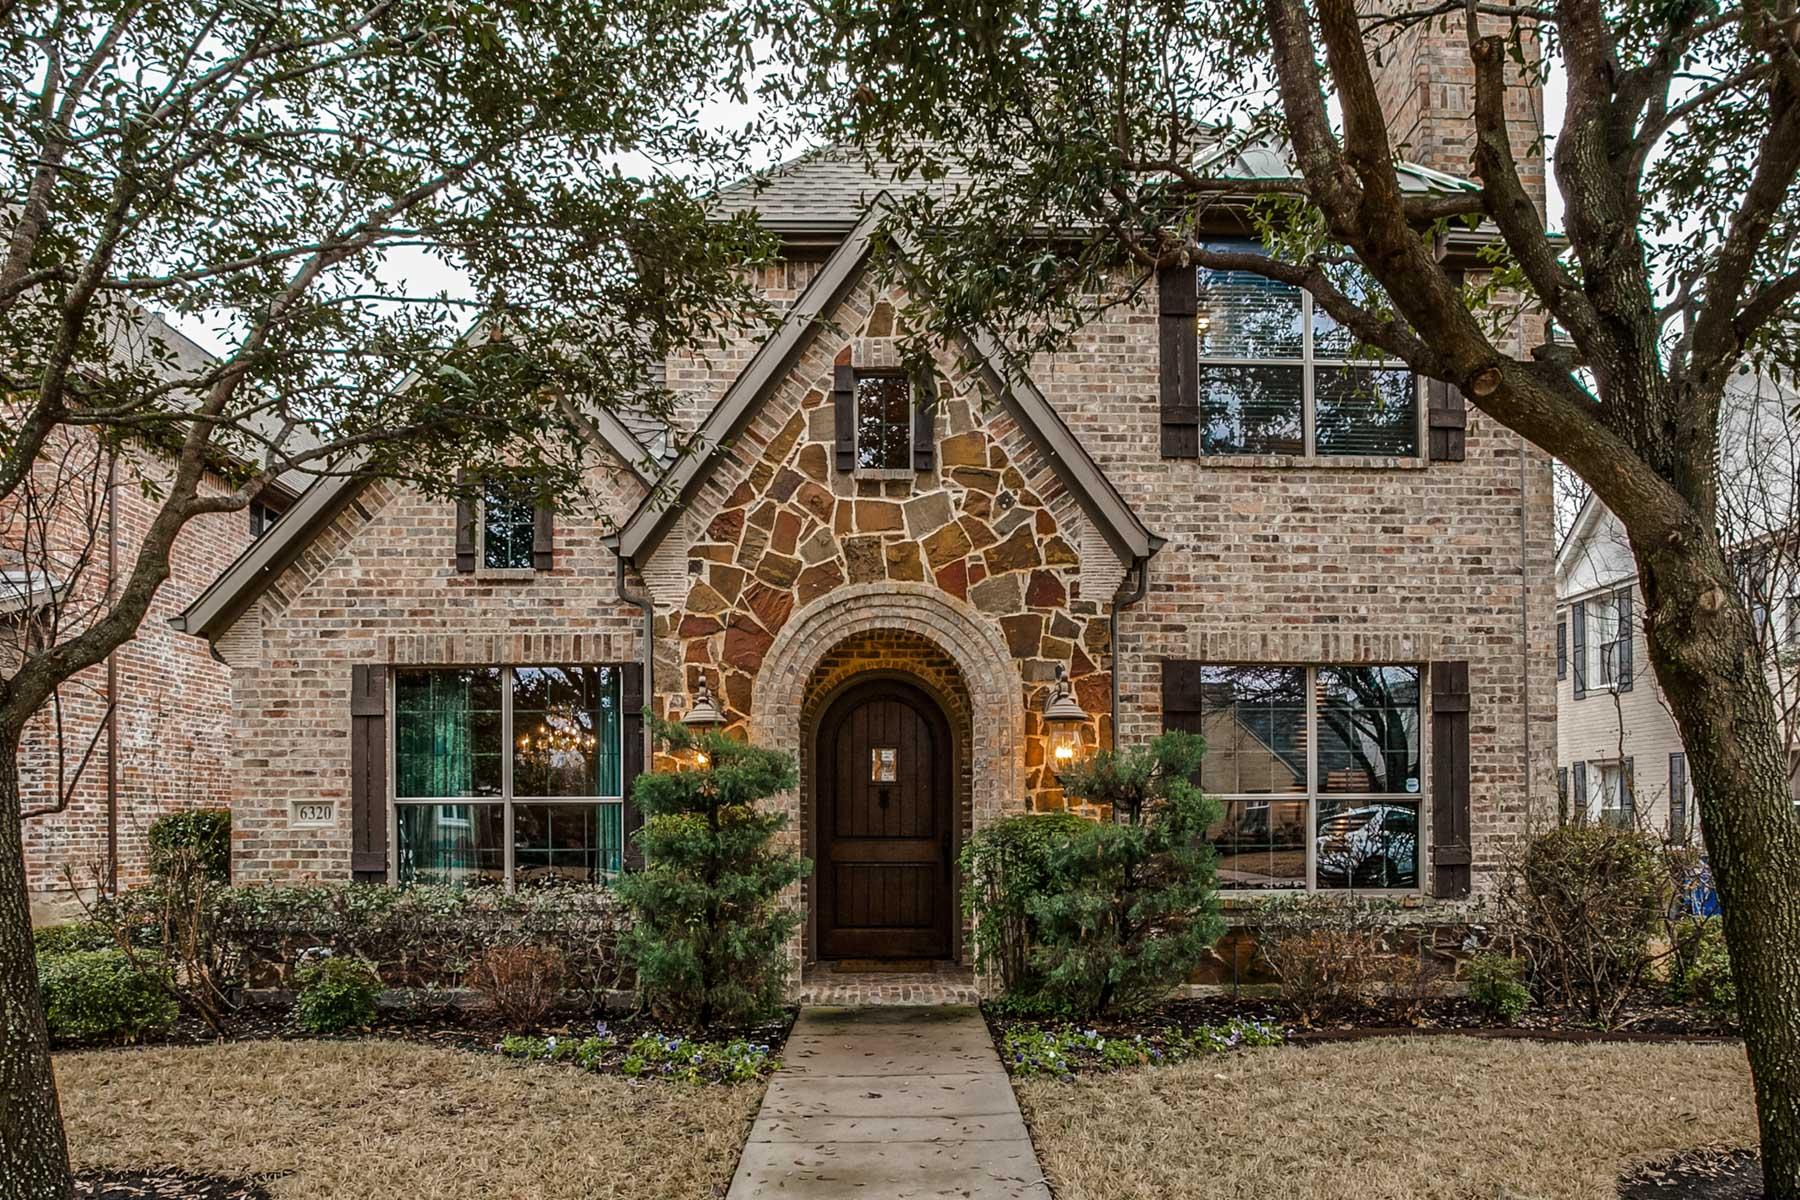 独户住宅 为 销售 在 6320 Llano, Dallas 达拉斯, 得克萨斯州, 75214 美国